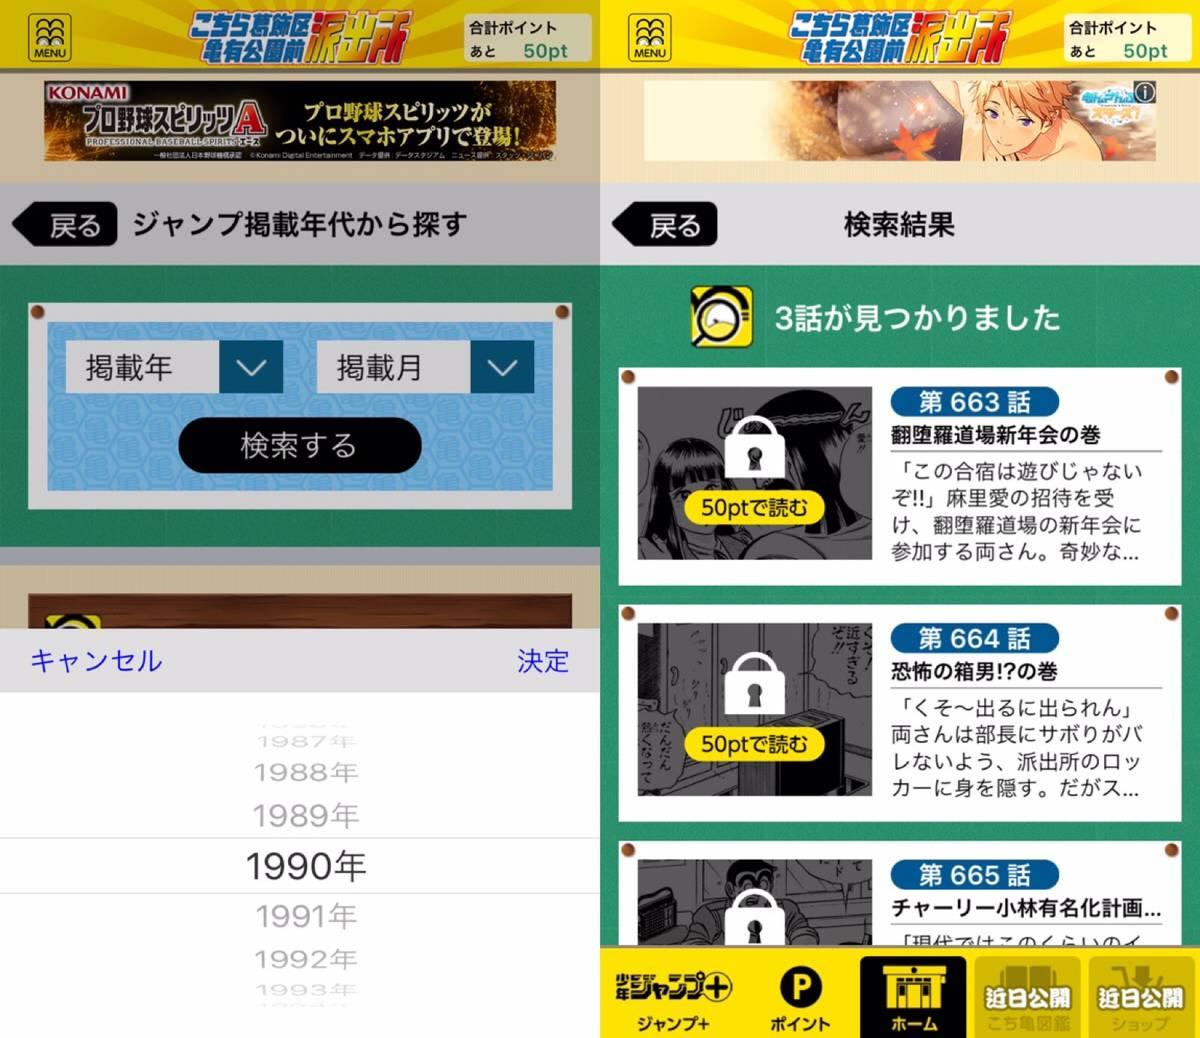 こち亀-公式アプリ